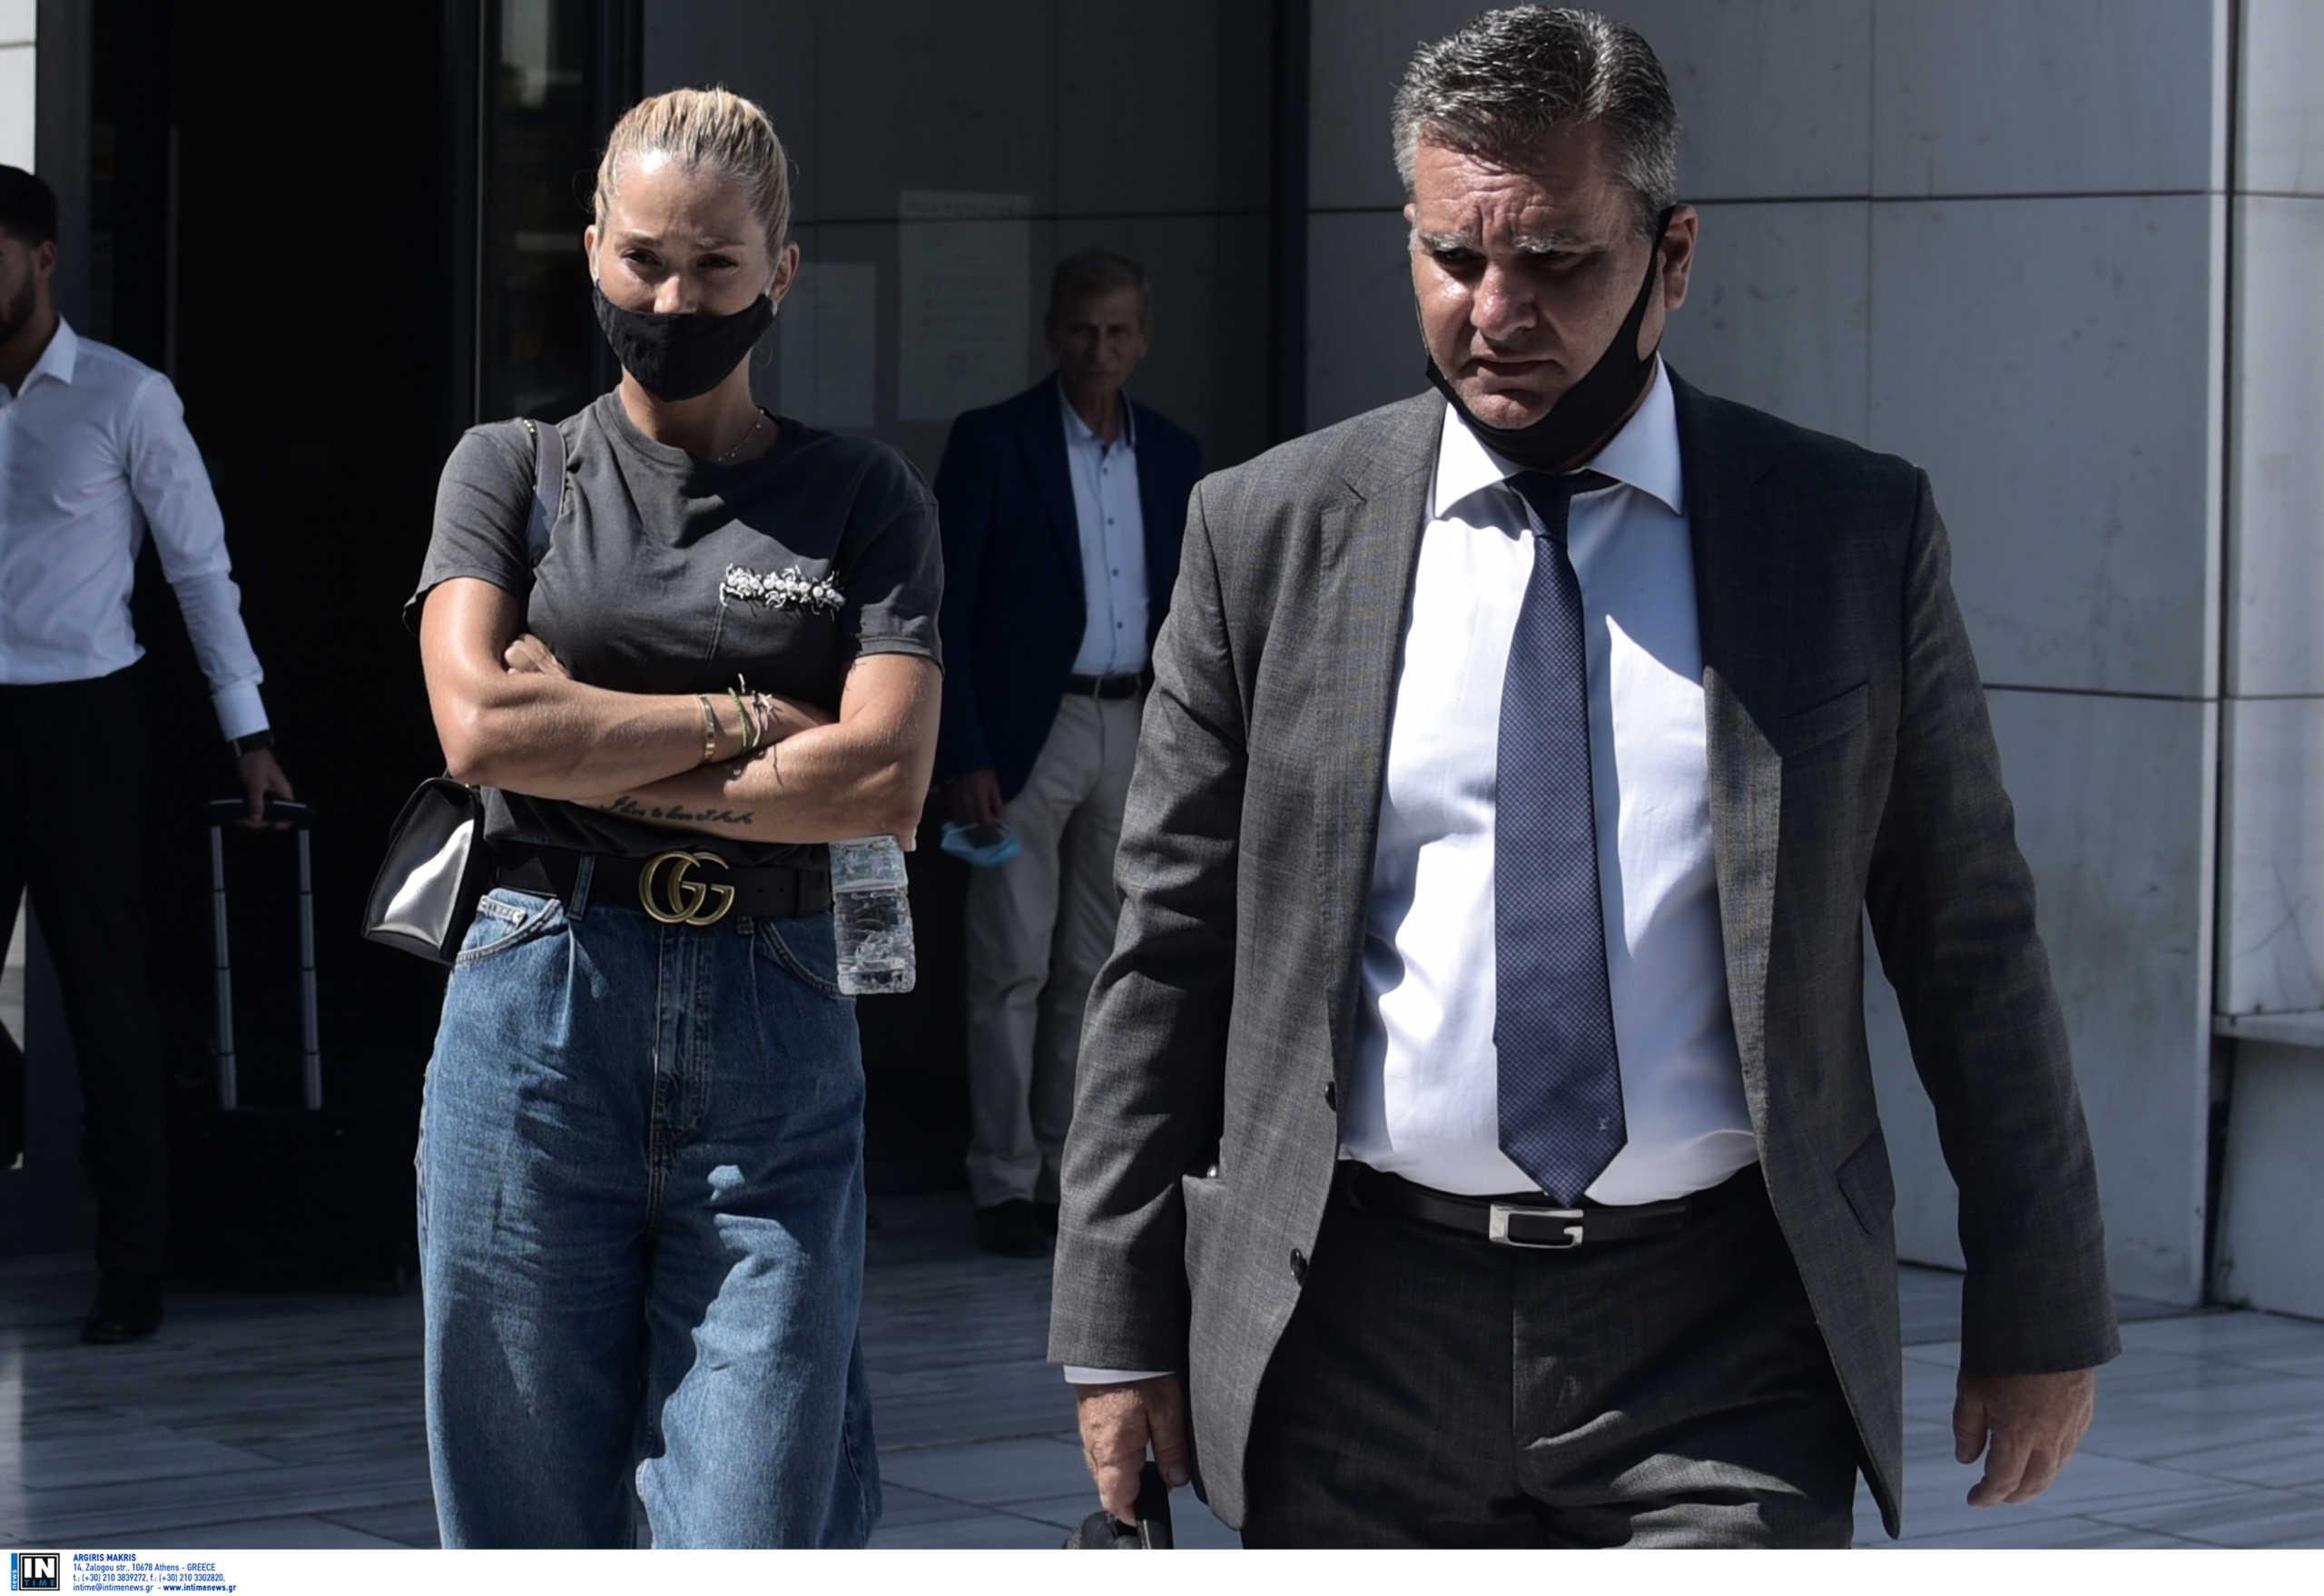 Δολοφονία Μακρή: Διάλογος – φωτιά της Βικτώριας Καρύδα με έναν από τους δυο κατηγορούμενους